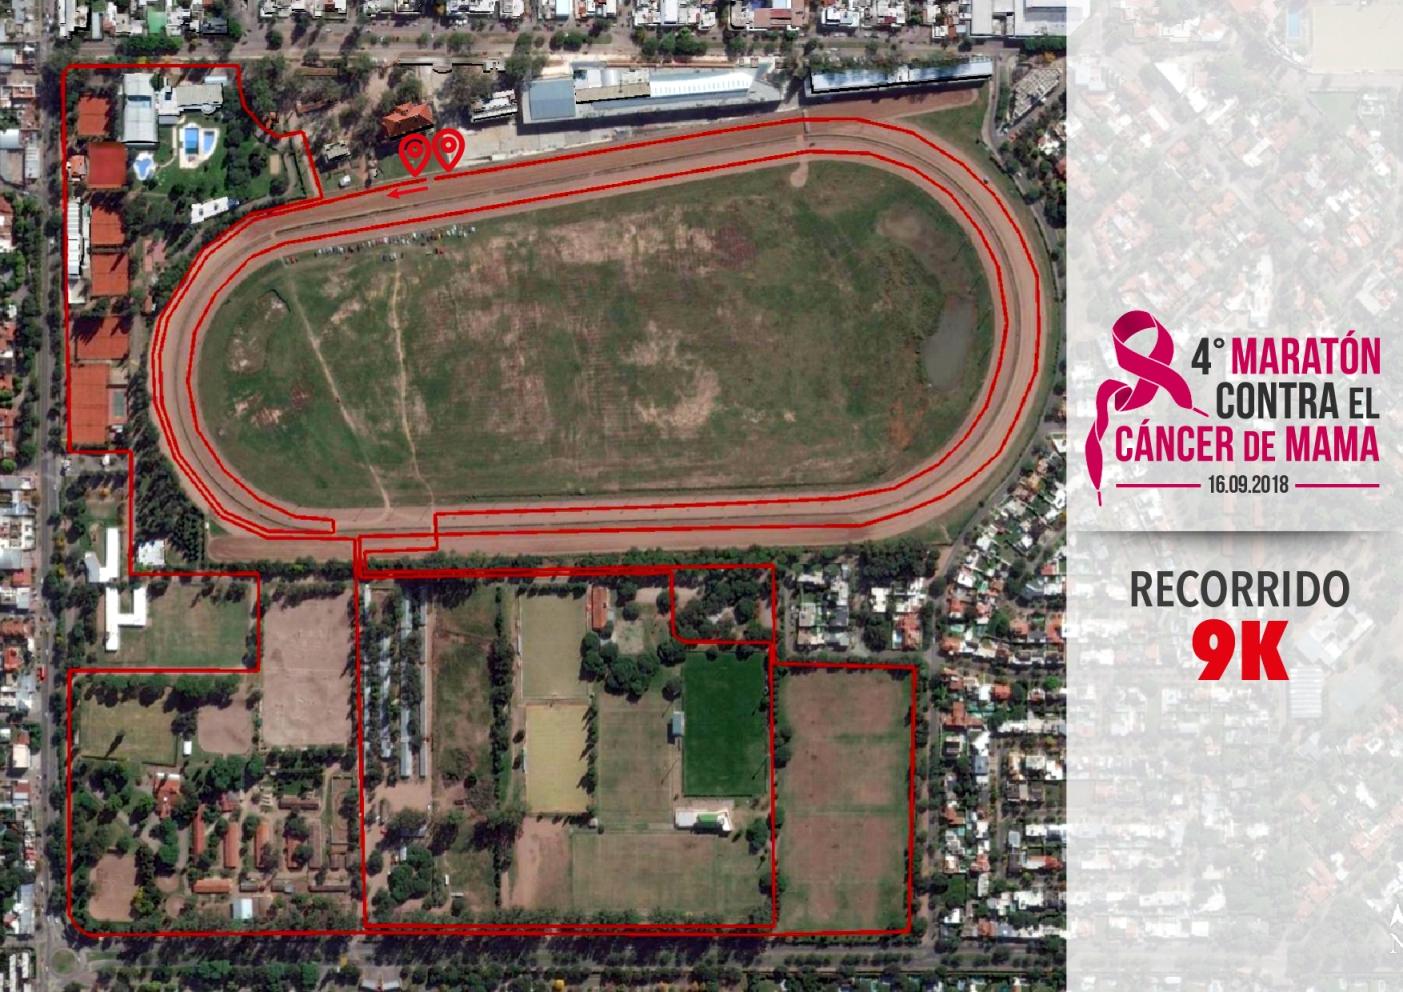 4ta Maratón Contra el Cáncer de Mama - Circuito 9K